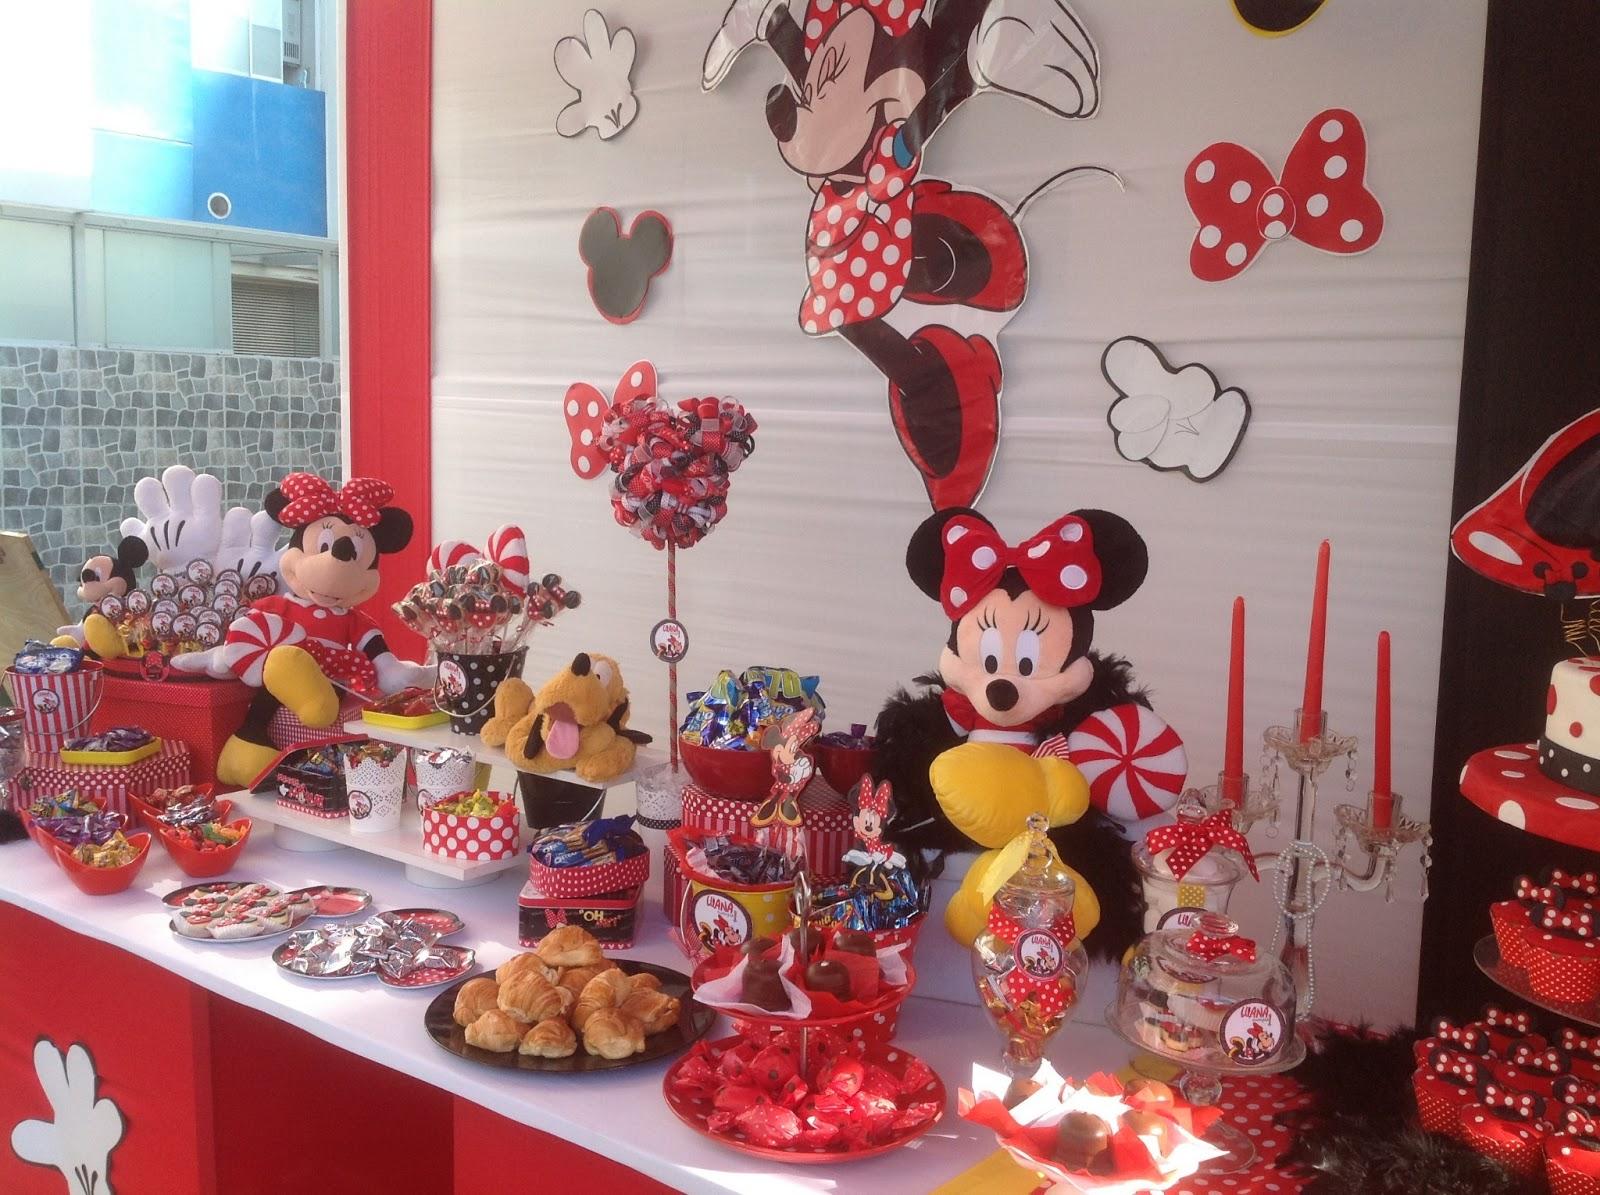 Imagenes de mesas de postres para fiestas infantiles imagui for Decoracion de mesas dulces infantiles